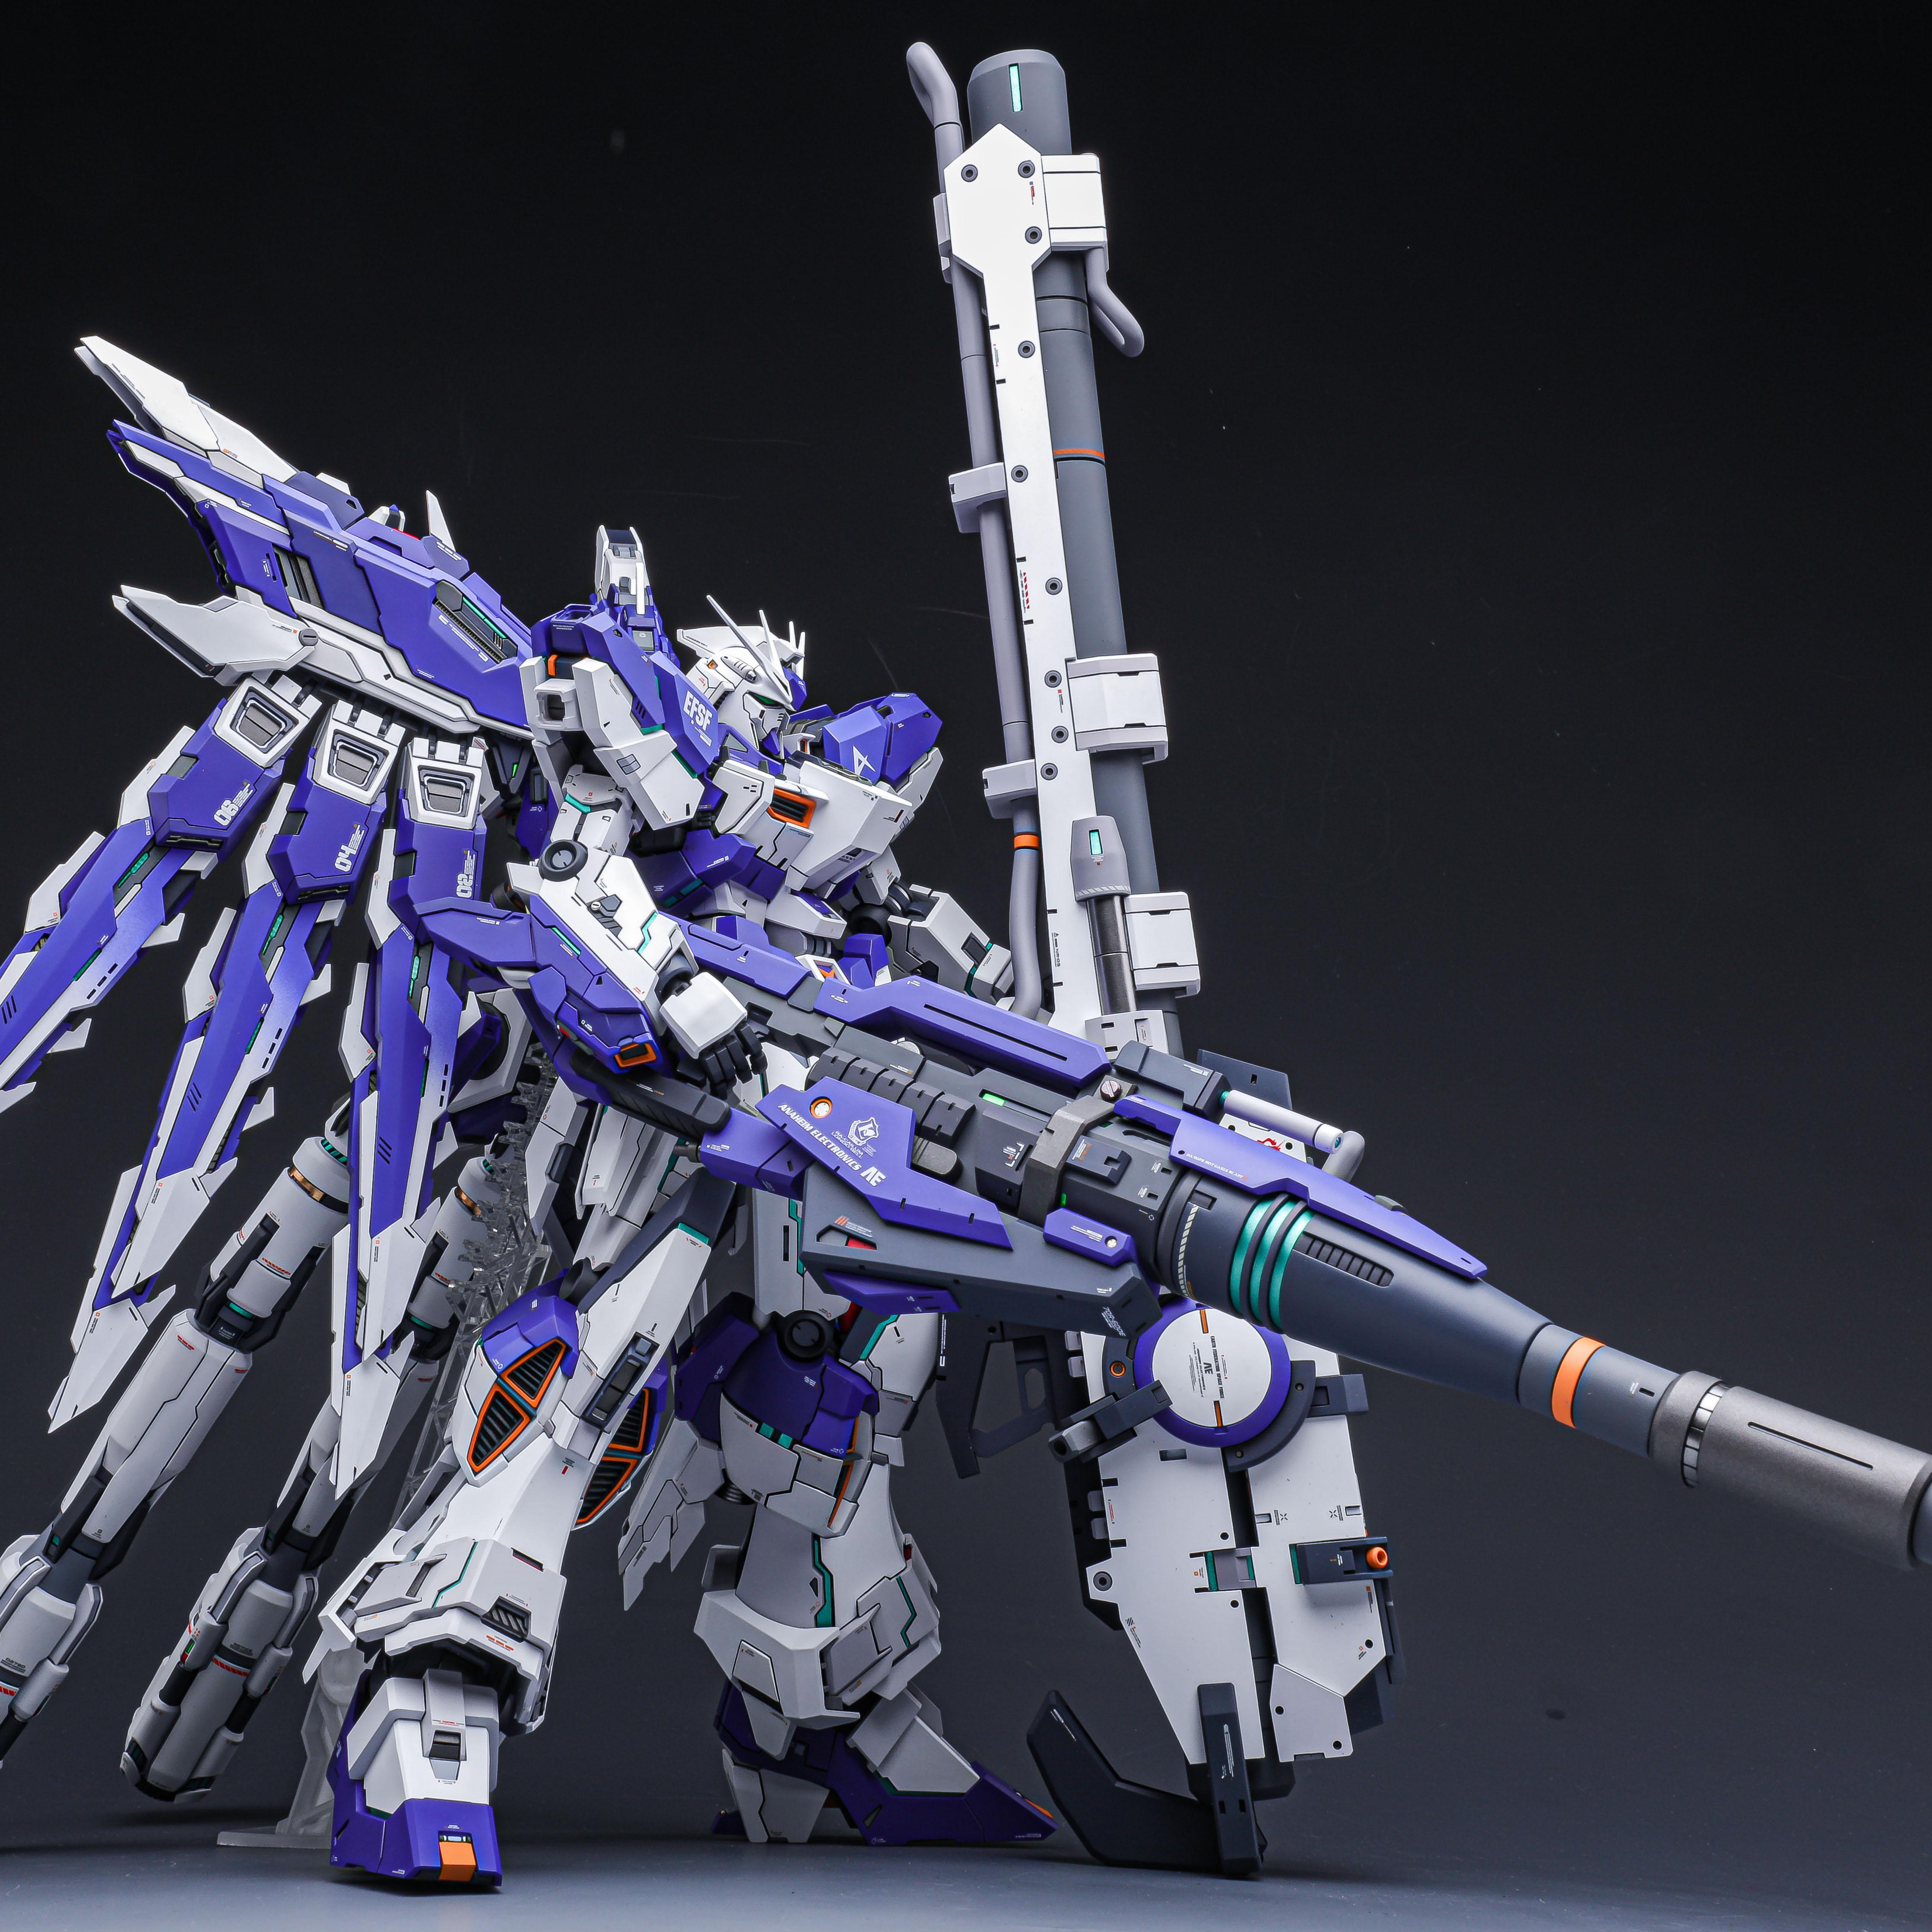 G822_rg_MG_mega_bazooka_launcher_AOK_008.jpg